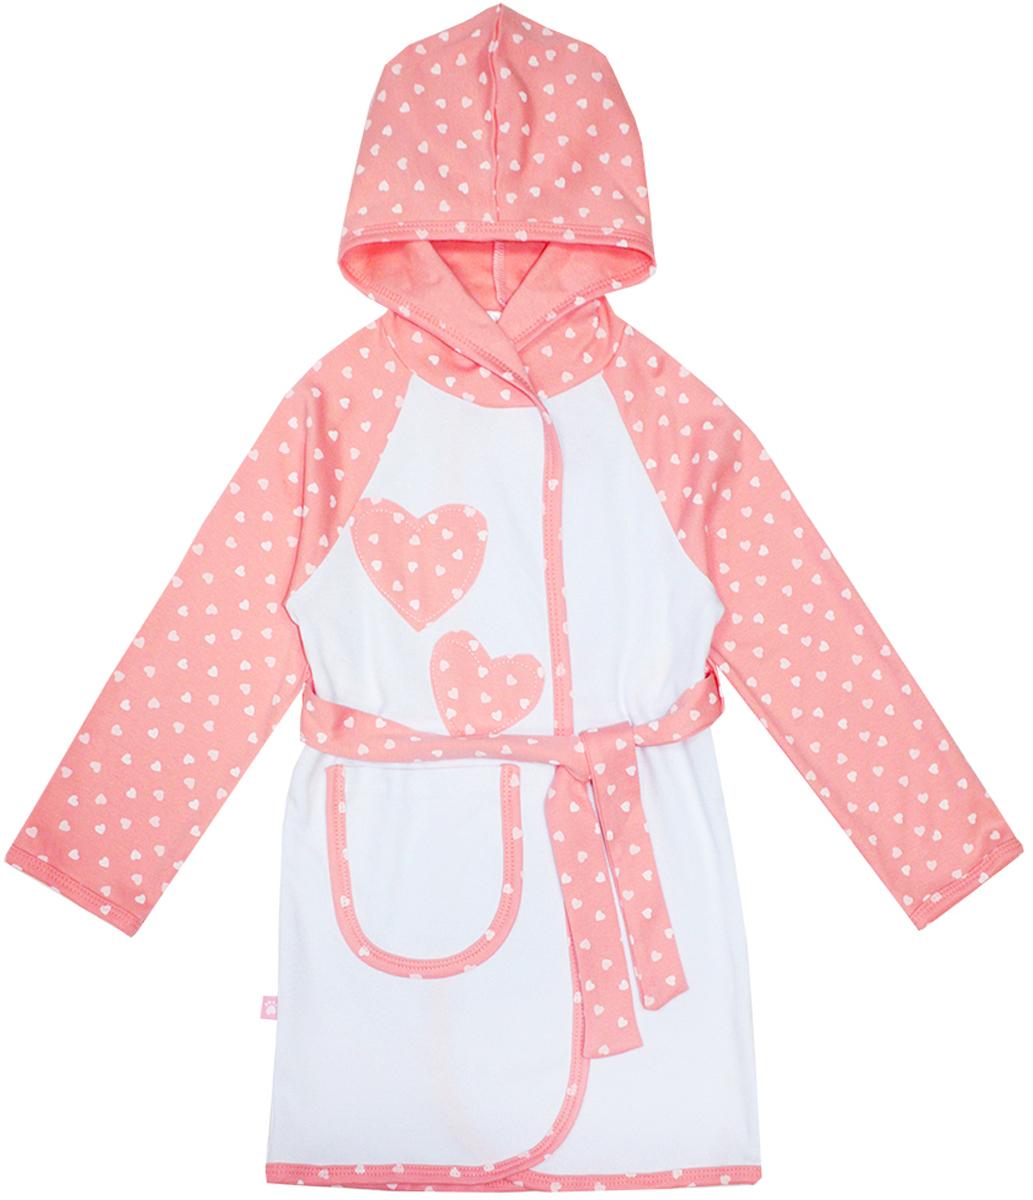 Халат для девочки КотМарКот Сердечко, цвет: белый, розовый. 12252. Размер 116, 6 лет12252Халат для девочки КотМарКот Сердечко выполнен из натурального хлопка.Модель средней длины с длинными рукавами-реглан и несъемным капюшоном имеет узкий текстильный пояс, дополнена шлевками. Спереди располагается накладной карман. Модель декорирована принтом в сердечко по капюшону и рукавам, а также украшена небольшой нашивкой в виде сердца на груди.